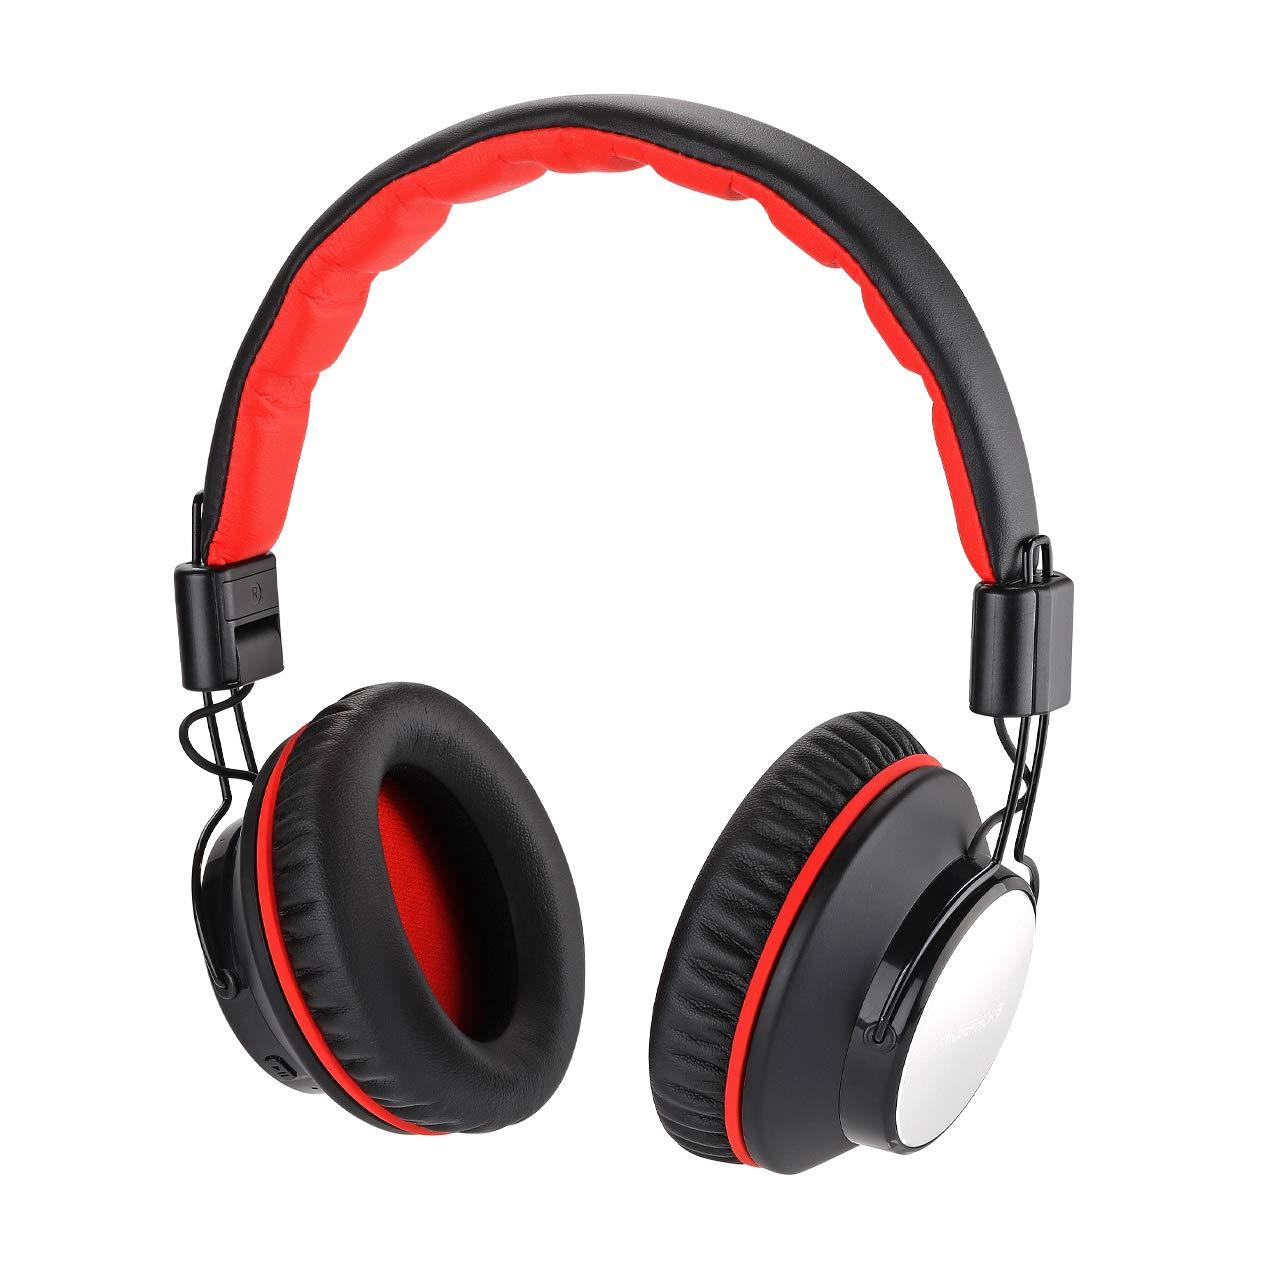 INSERMORE アクティブノイズキャンセリングBluetoothヘッドフォン 旅行用 ワイヤレス/有線ヘッドホン マイク付き Hi-Fiステレオヘッドセット PC/携帯電話/テレビ用 B07N2TGD96